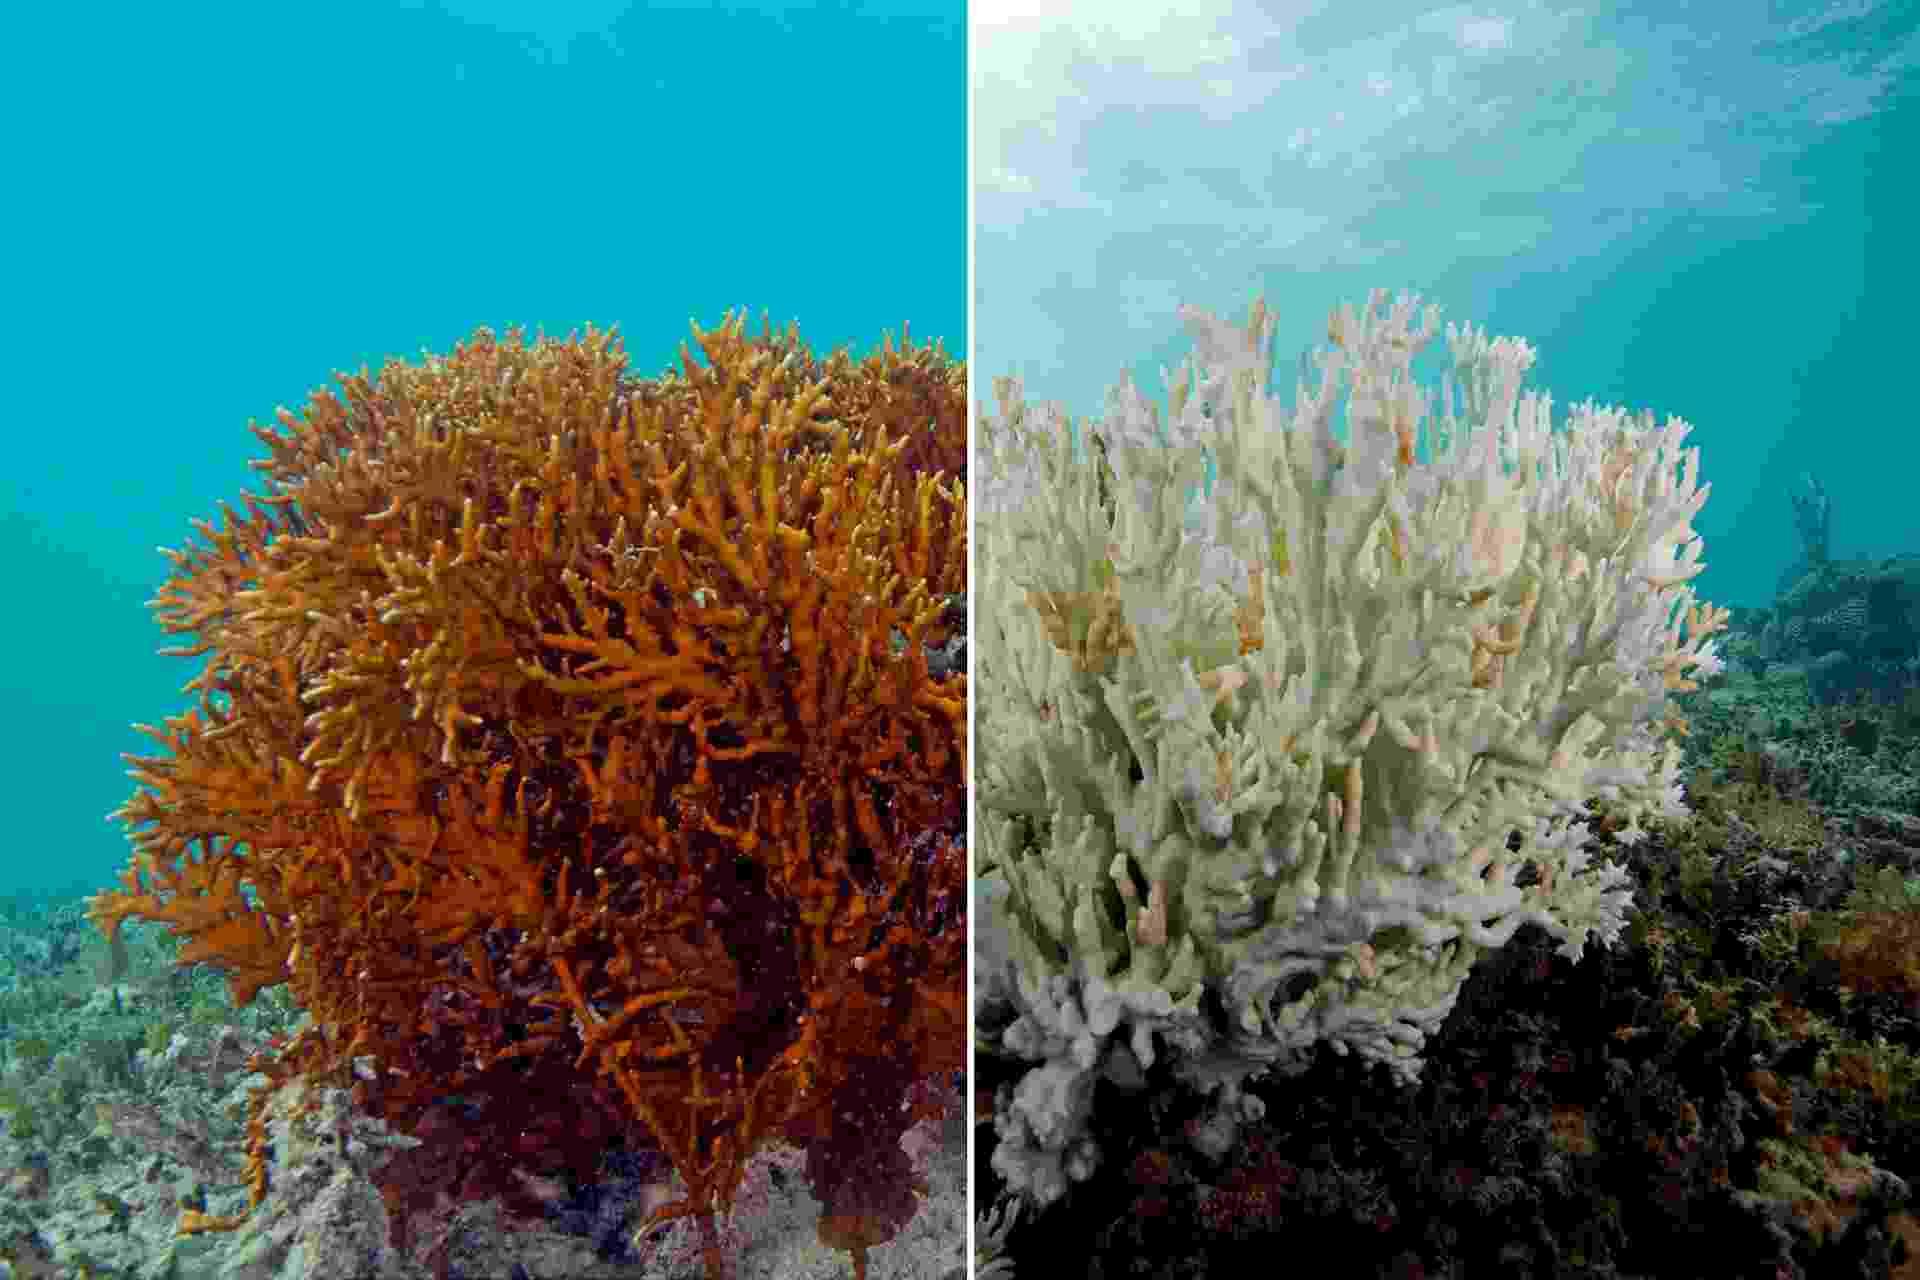 Montagem mostra um coral de fogo antes e depois do branqueamento. À esquerda, se pode observar um coral saudável, enquanto à direita ele está completamente branqueado. O branqueamento acontece quando os pólipos responsáveis pela formação dos recifes morrerem, oo que tem como fator o aquecimento das águas durante longo período de tempo - XL Catlin Seaview Survey/Divulgação